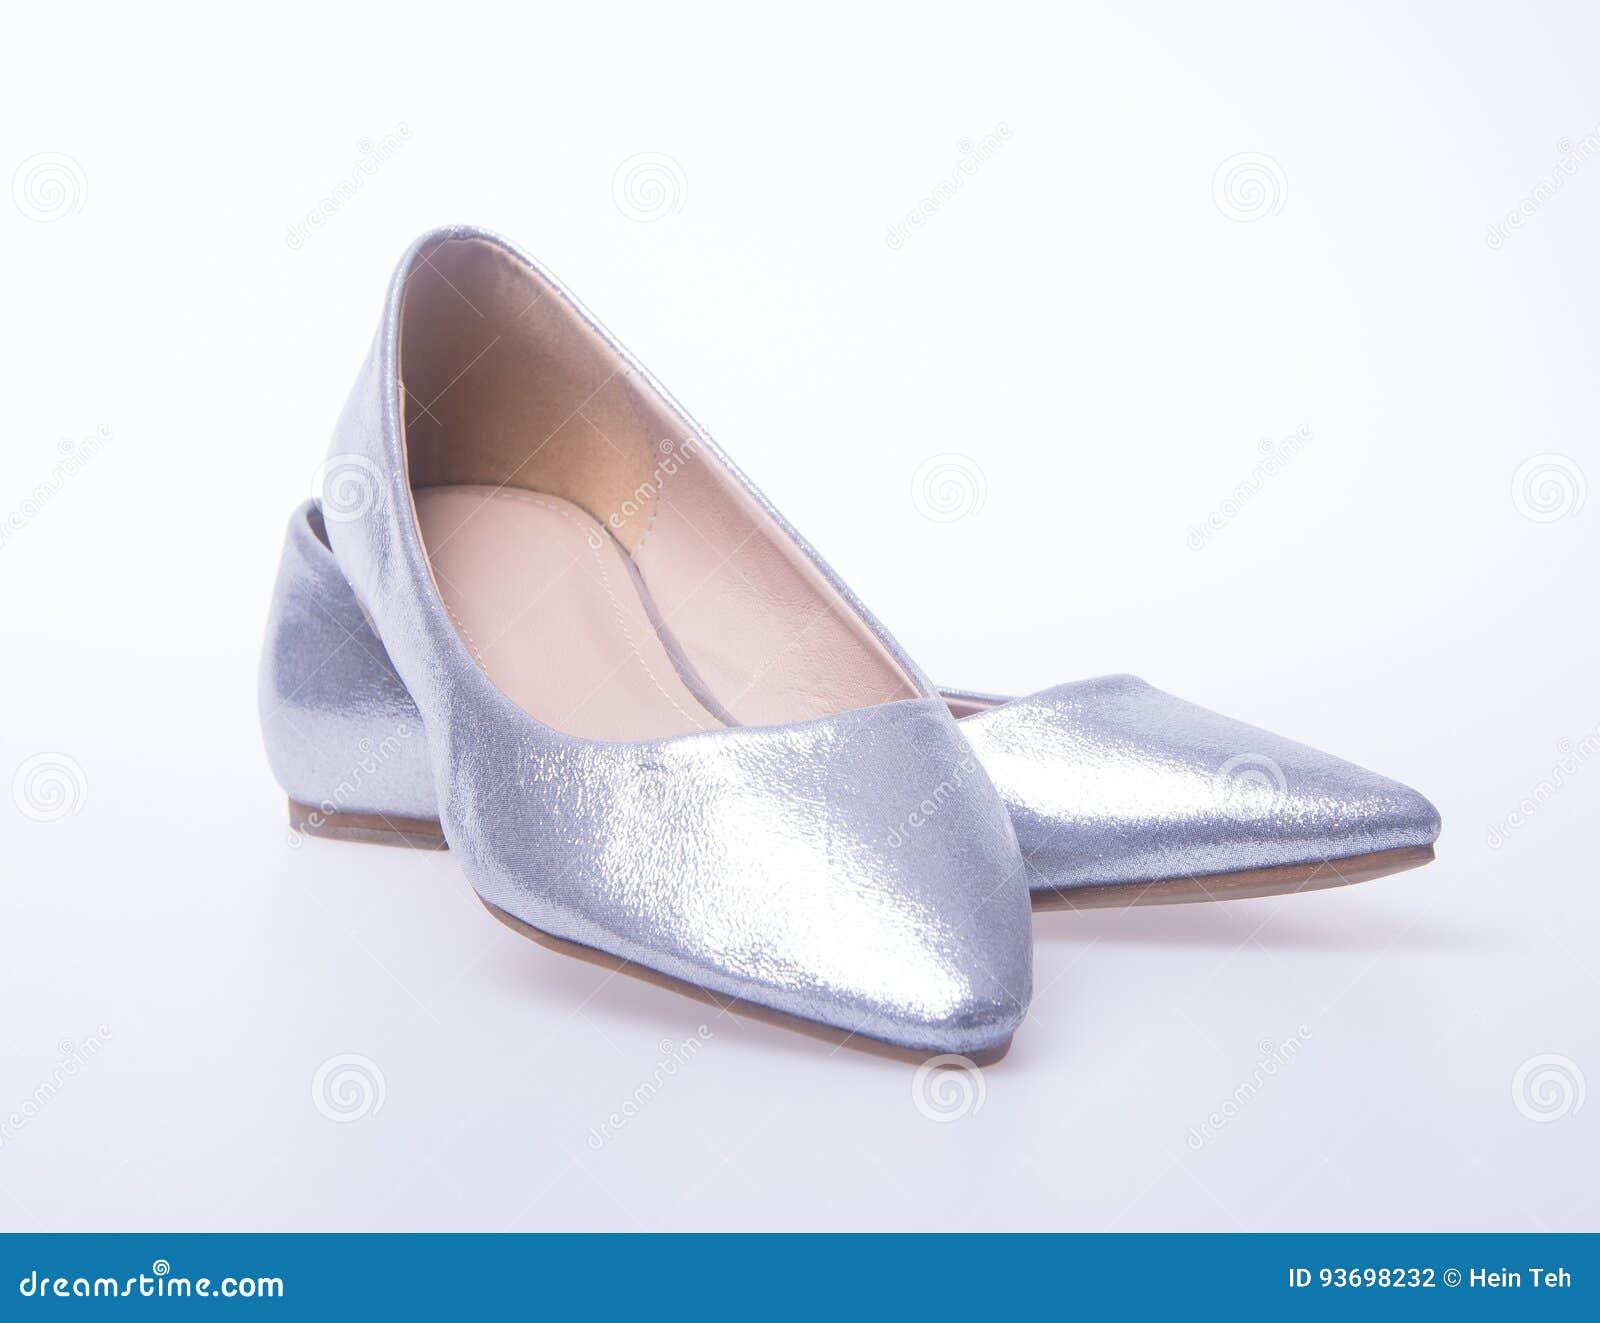 5676c94572f278 Schuh Silberne Farbmode-Frauenschuhe Auf Einem Hintergrund Stockfoto ...